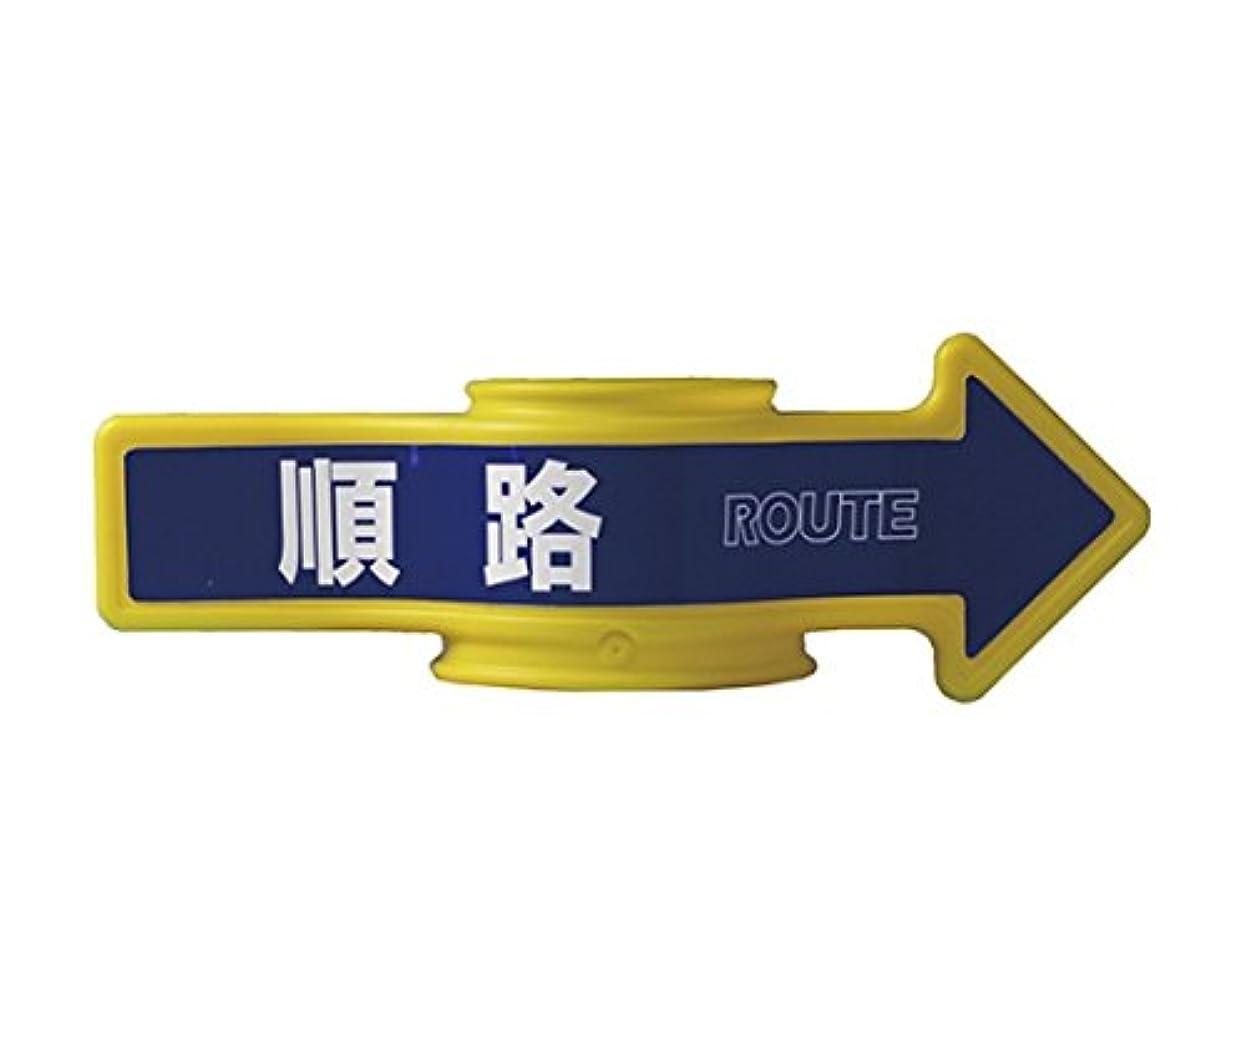 事前に項目正確さ日本緑十字社 ステッカー コーンアロー?チェインアロー兼用 順路 61-9939-38/CA-3S